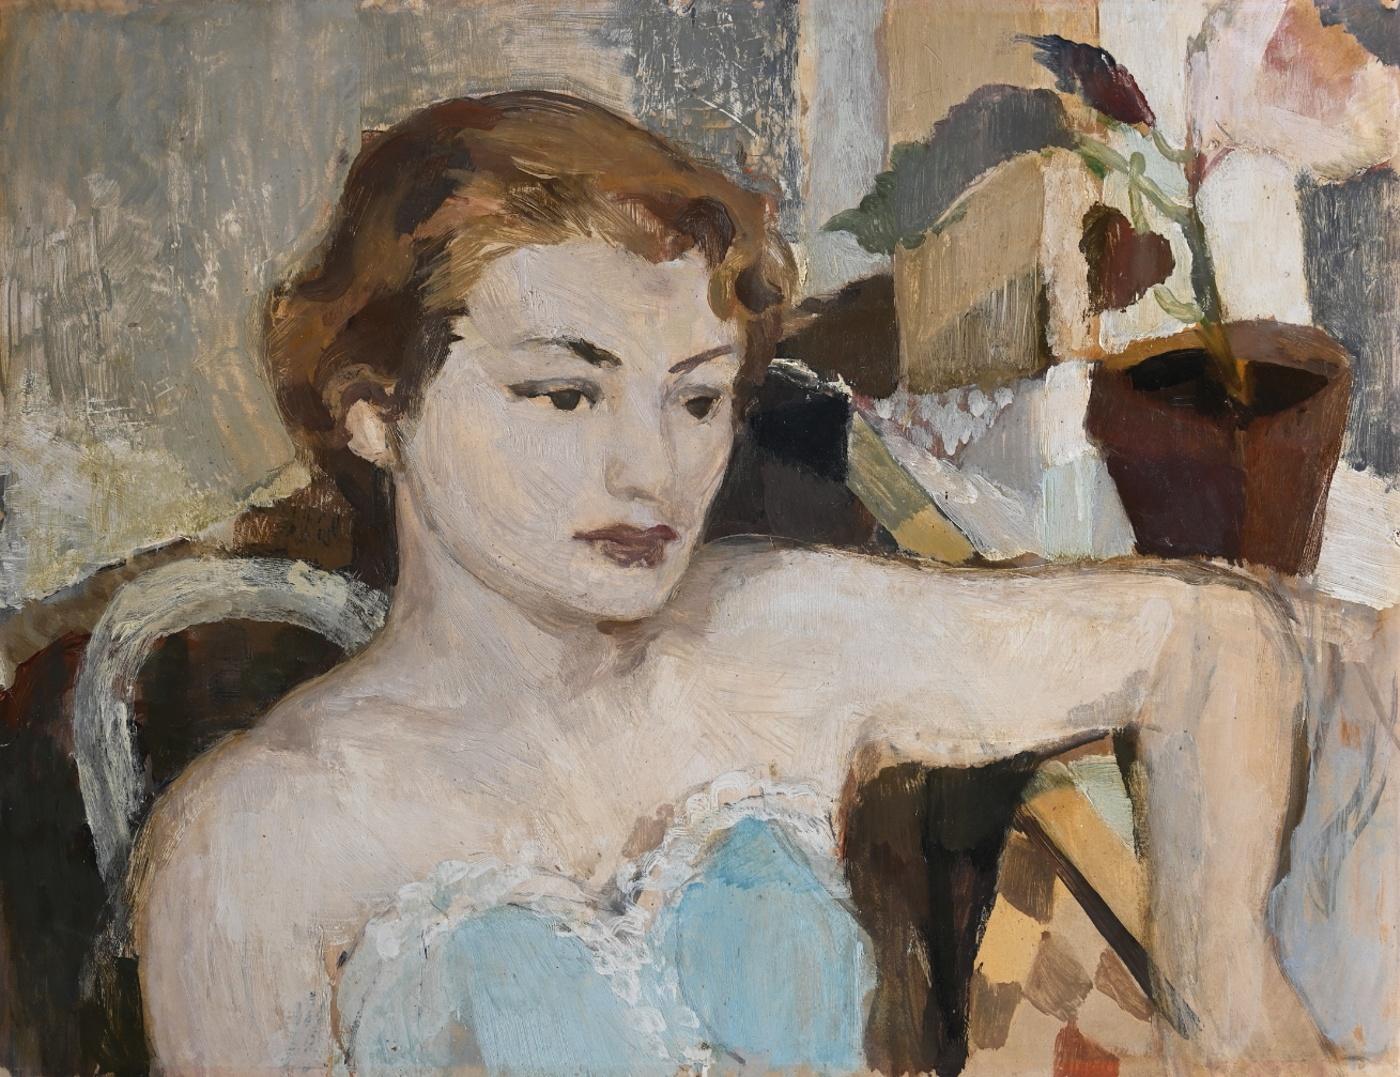 Maler des 20. Jahrhunderts » Öl-Gemälde Avantgarde École Matisse Paris